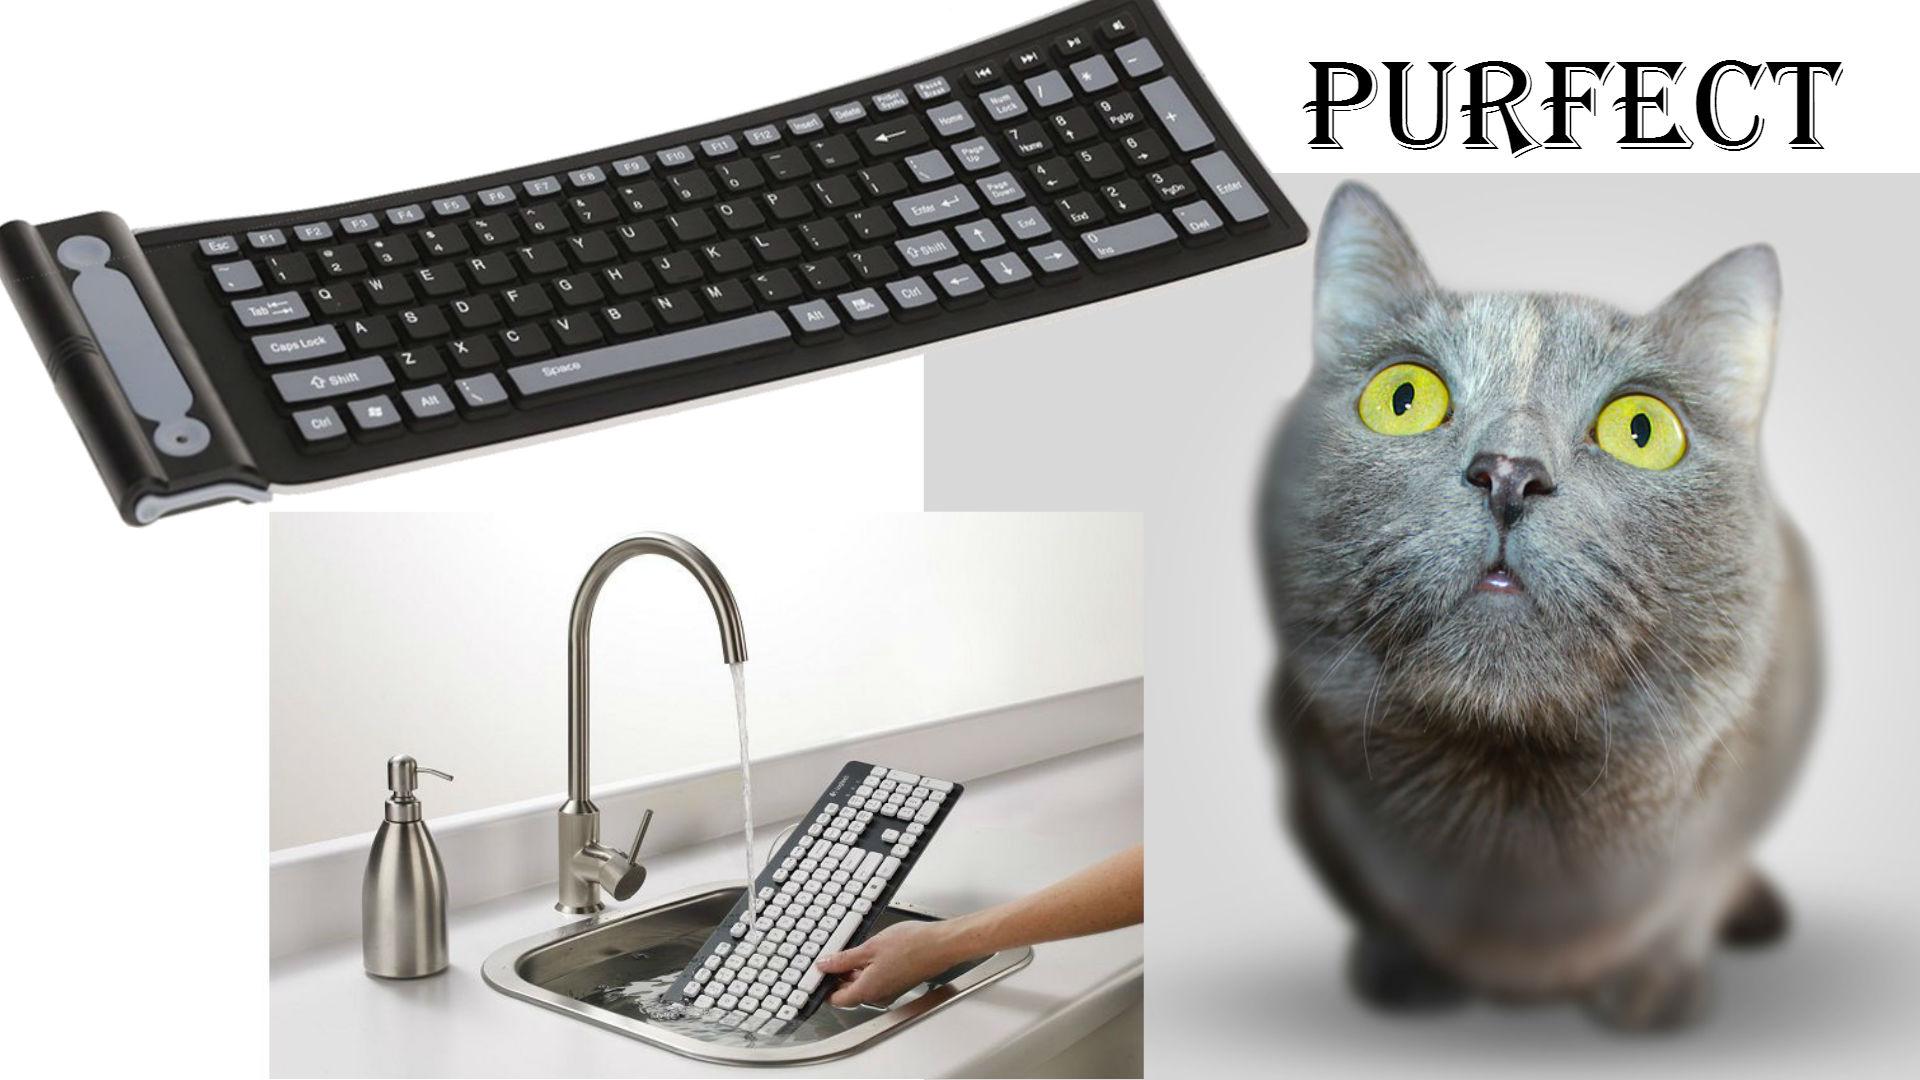 teclado_ultradelgado_lavable.jpg